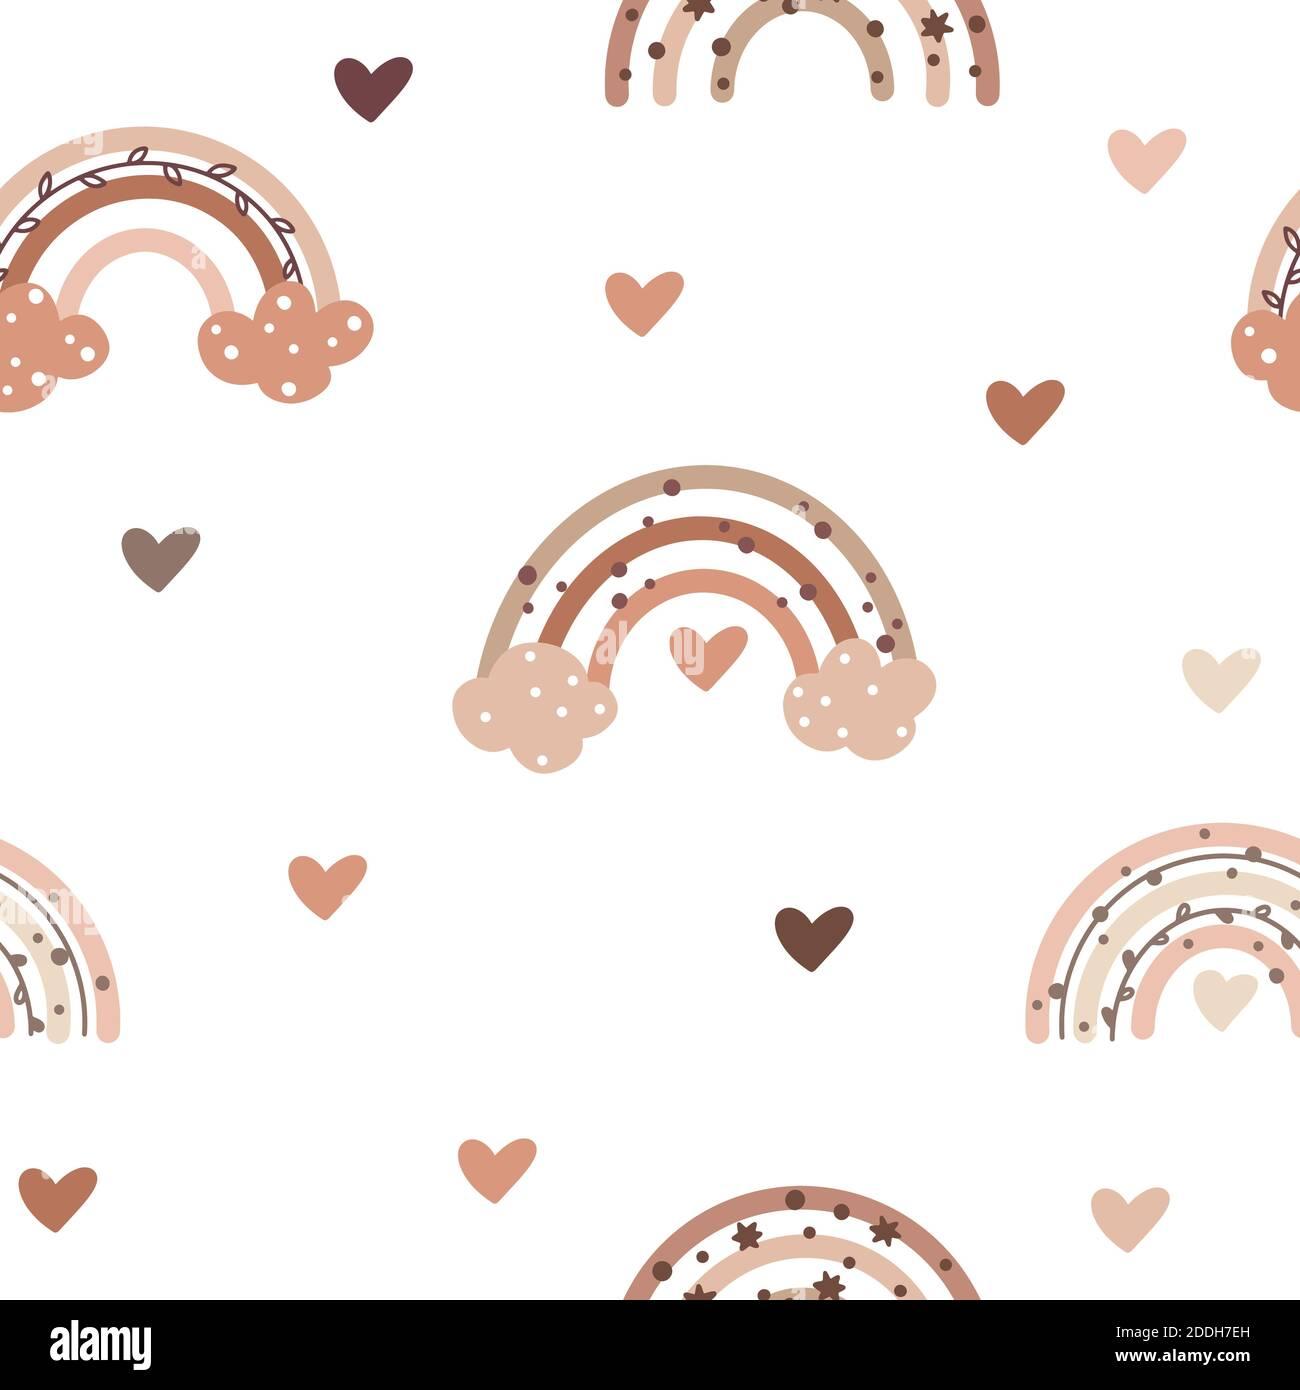 Joli motif sans couture aux couleurs nordiques avec des boucles de pluie douces et des éléments en forme de coeur isolés sur fond blanc. Illustration vectorielle dessinée à la main en S. Illustration de Vecteur